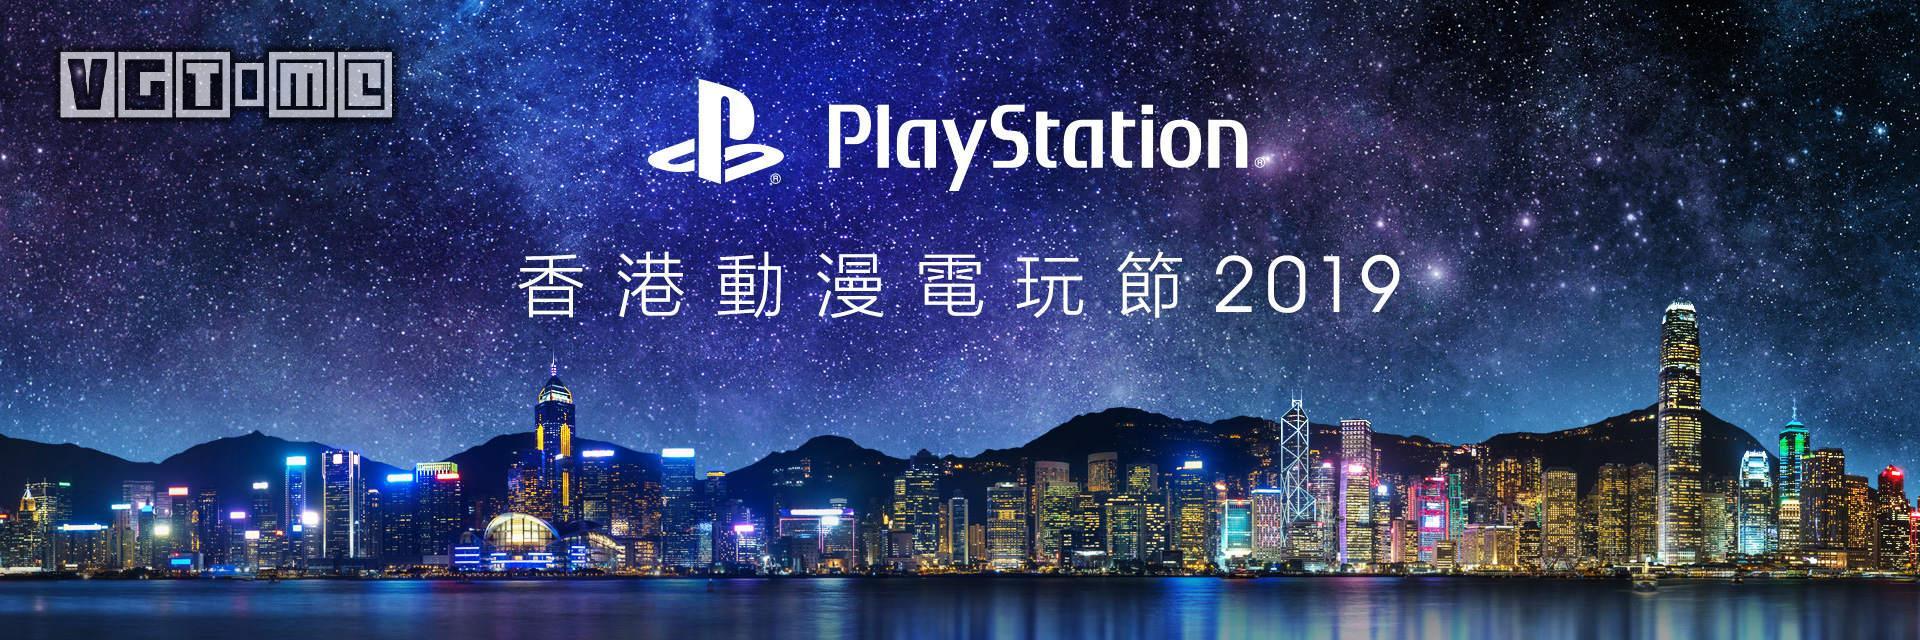 PlayStation将携大量新作试玩及舞台活动参战香港动漫电玩节2019